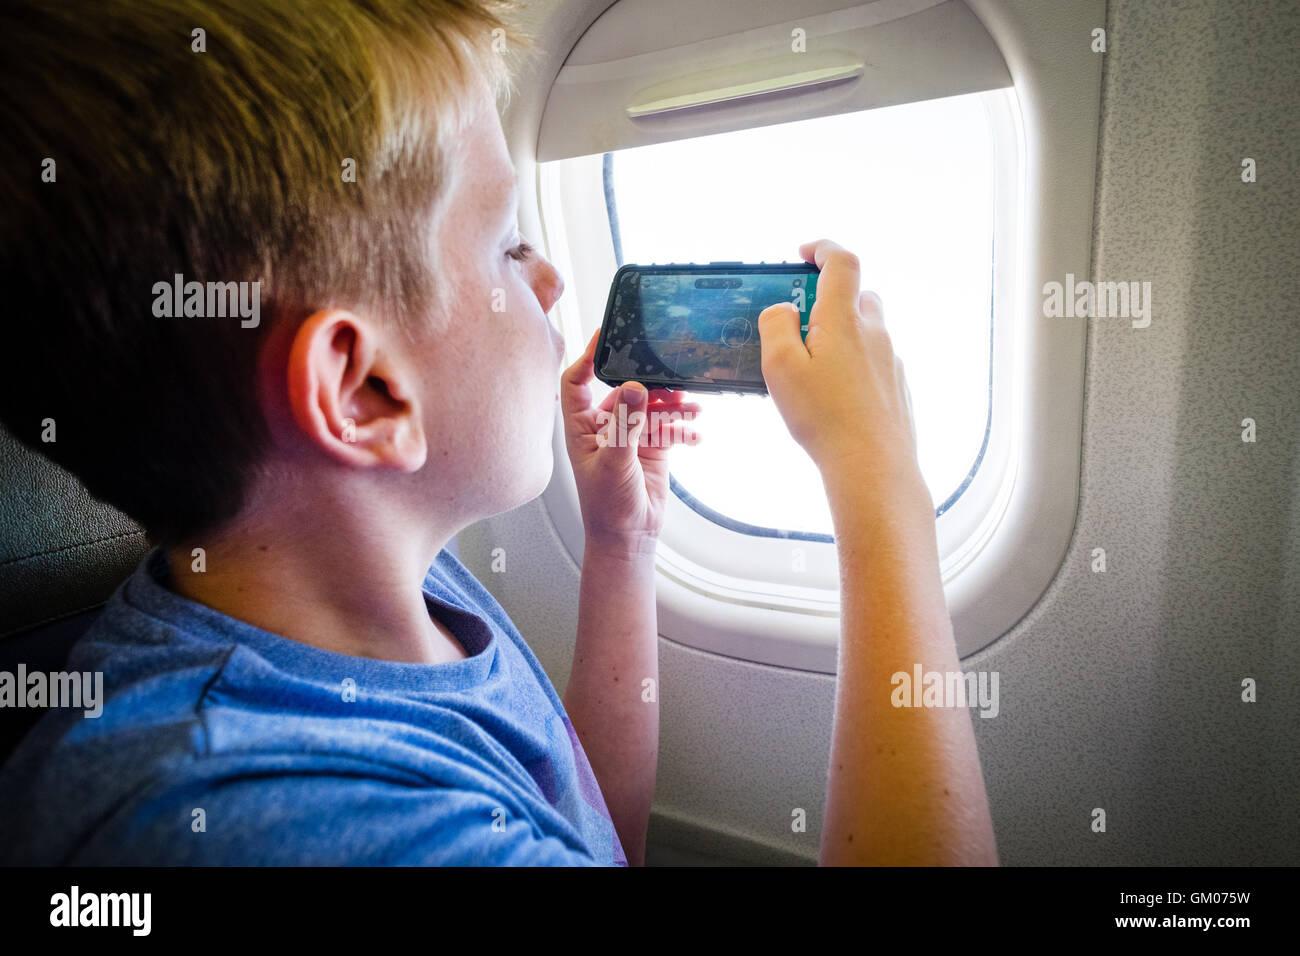 Un adolescent en utilisant son téléphone mobile pendant le vol sur un avion à prendre une photo par Photo Stock